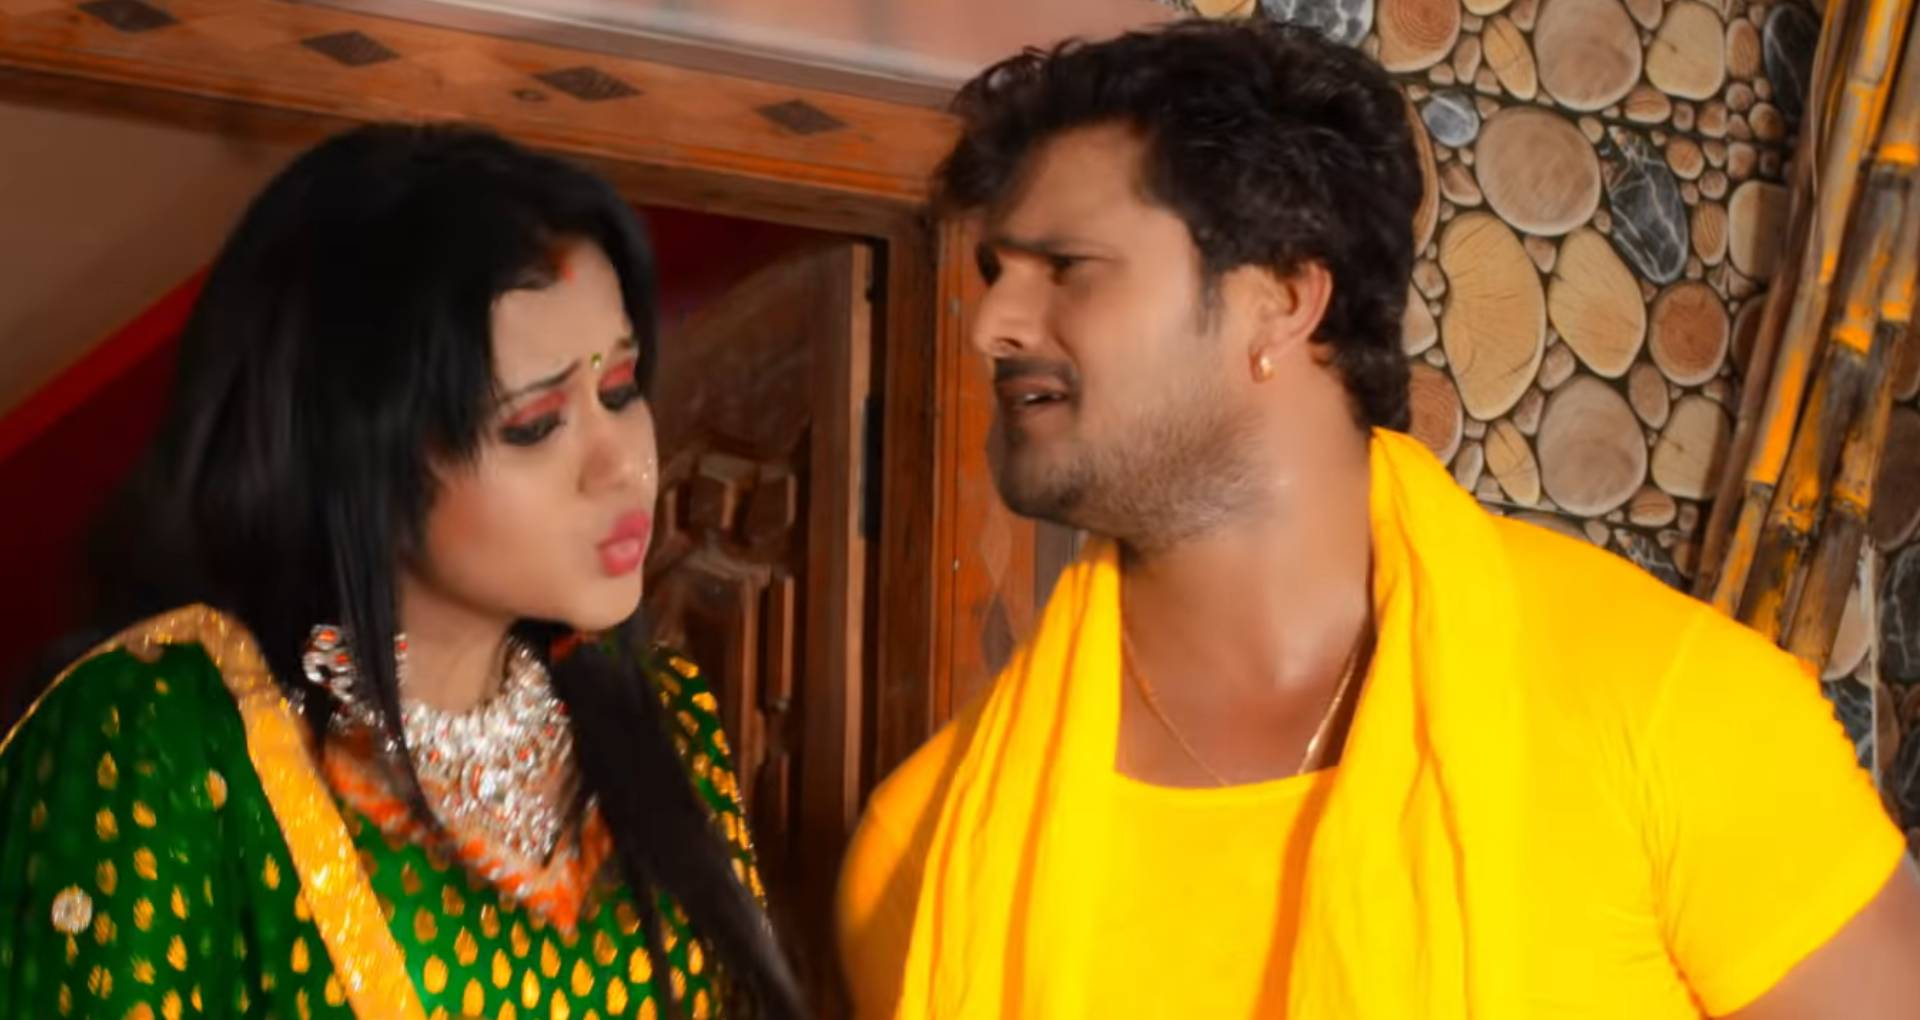 Chhath Puja Geet: गुंजन पंत और खेसारी लाल यादव की शानदार केमिस्ट्री से भरा है यह छठ गीत, देखिए ये नया गाना